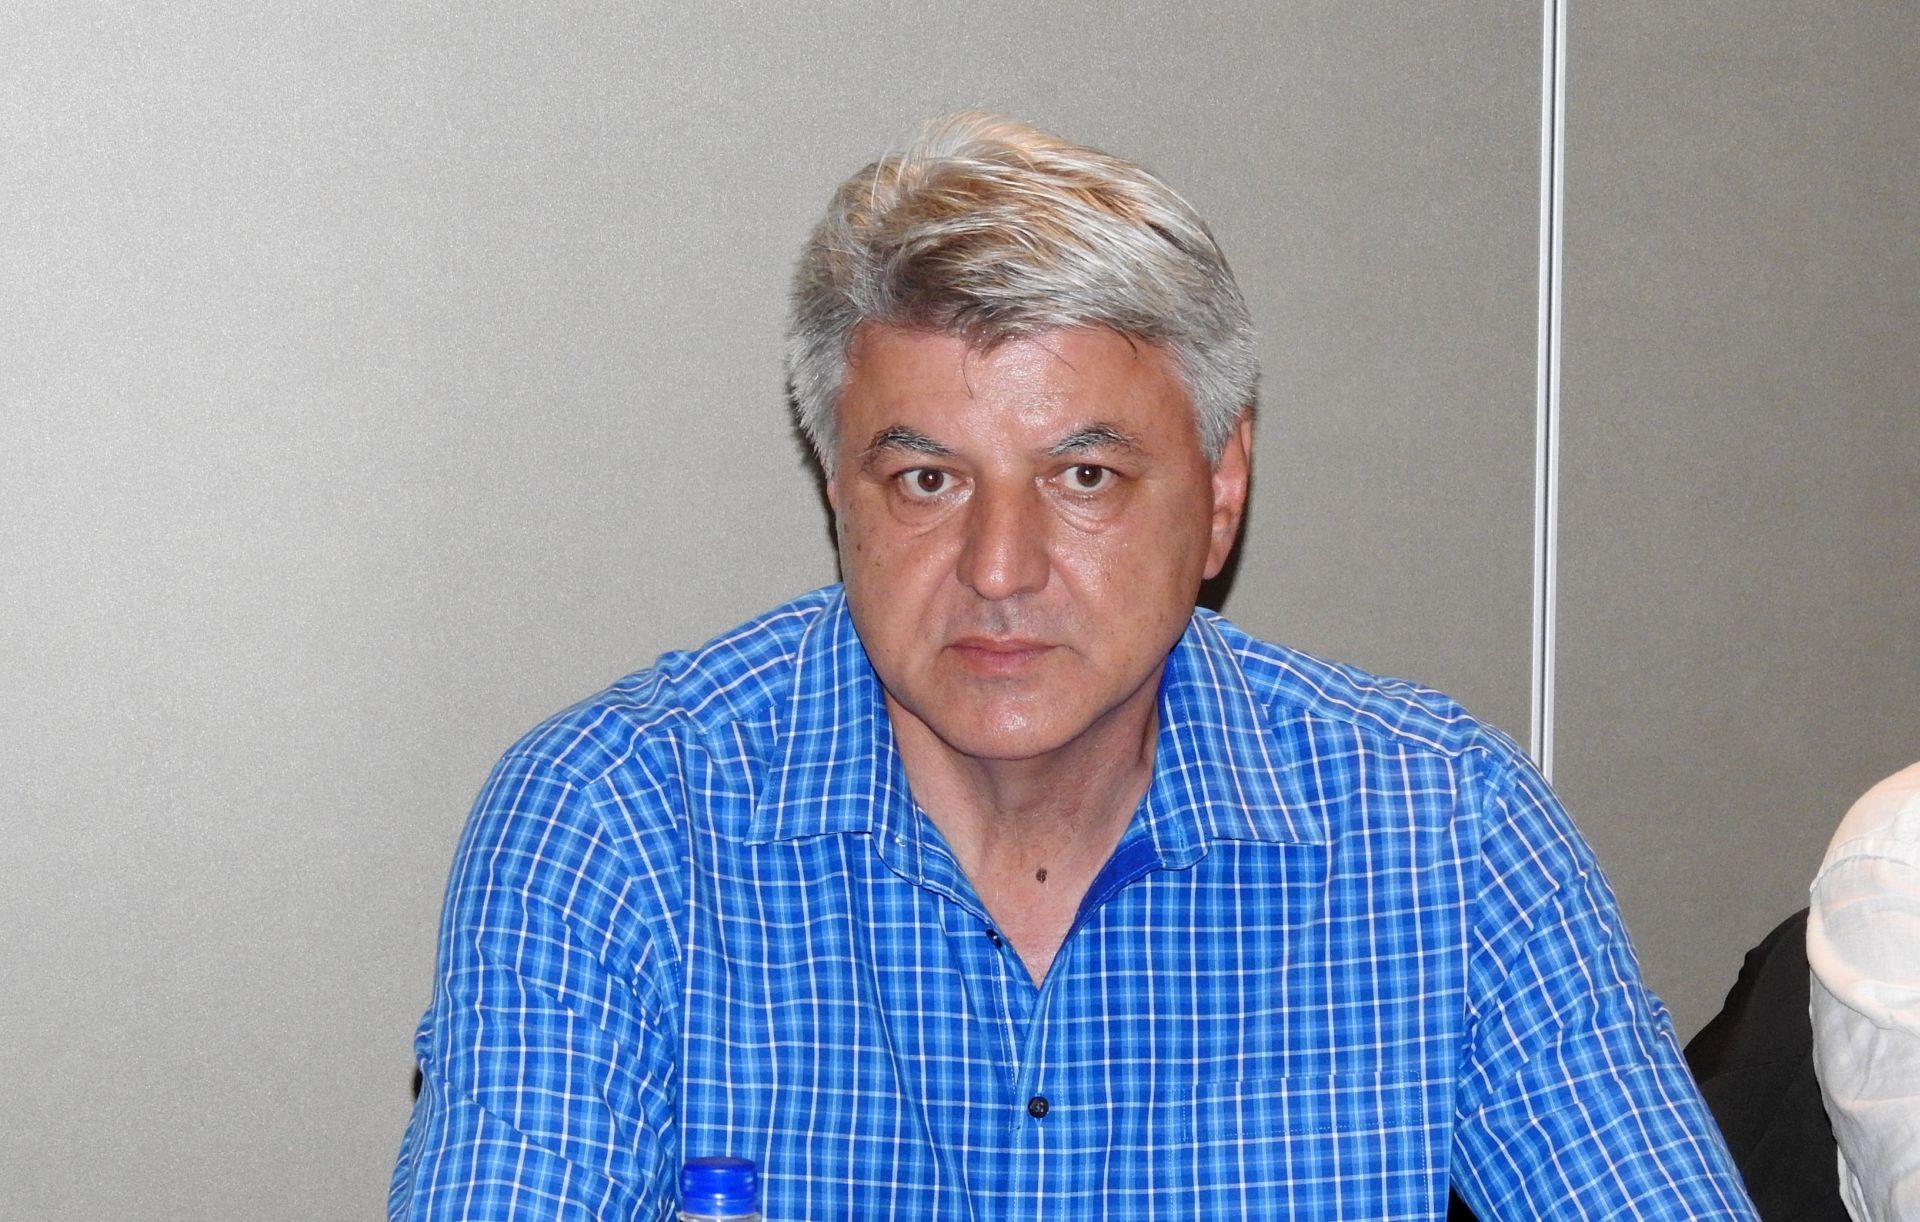 KOMADINA O KONSTITUIRANJU SKUPŠTINE 'Sporazuma još nema, zapelo na Mostu'